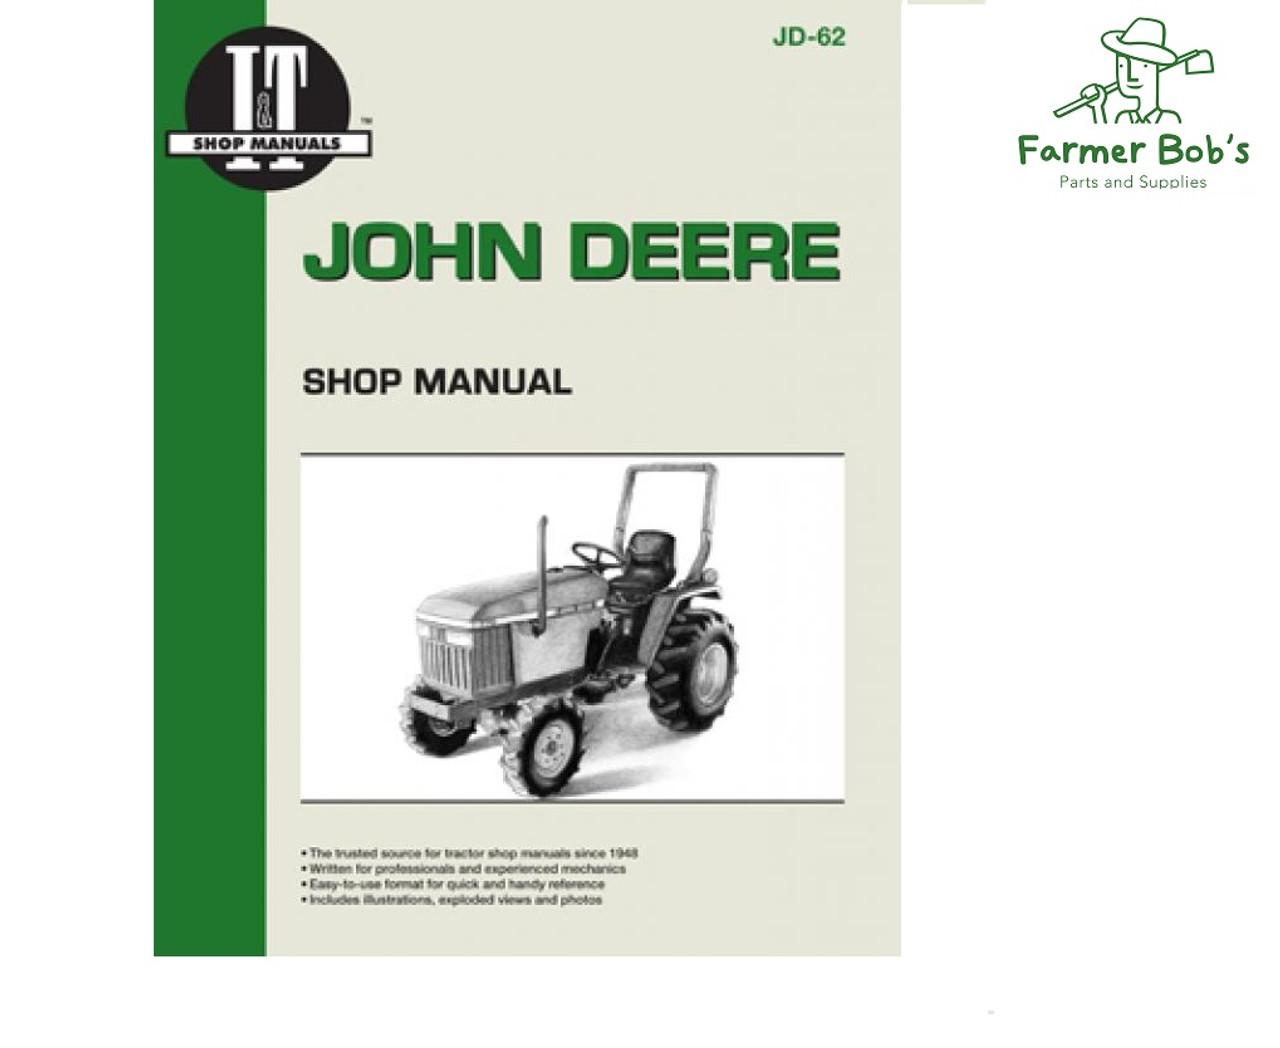 medium resolution of jd62 i t shop manuals john deere 670 770 870 970 and 1070